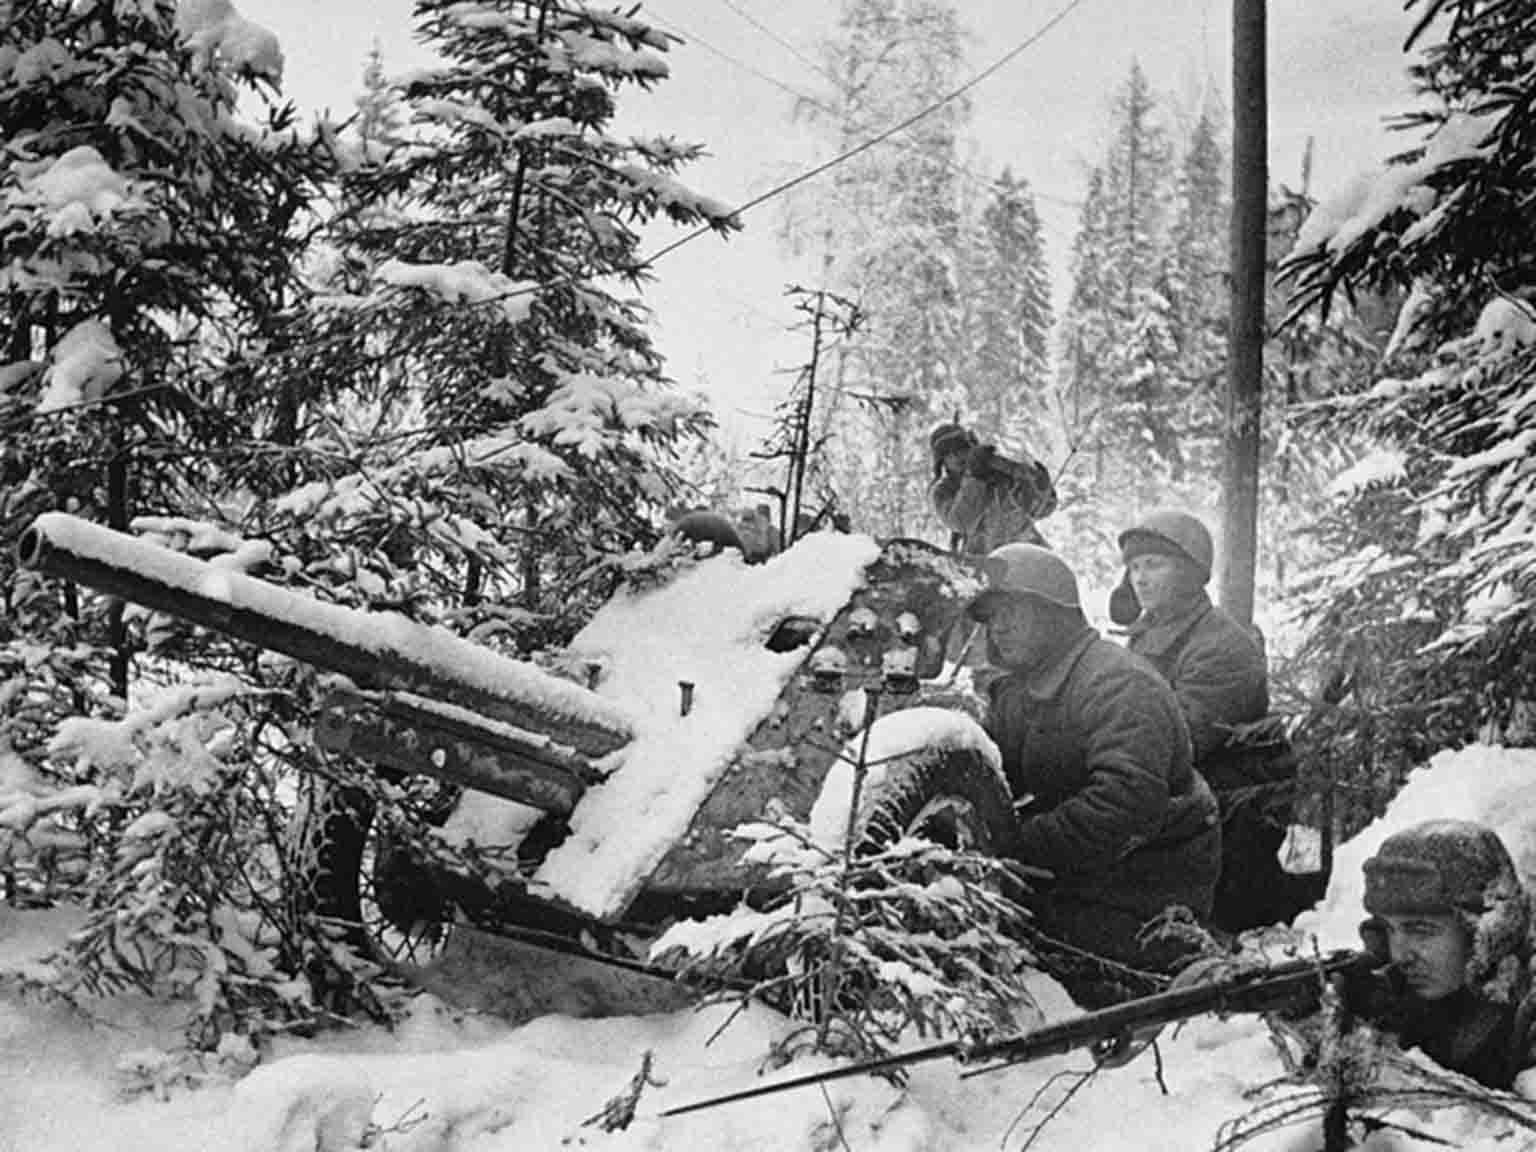 45-mm 53-K gun